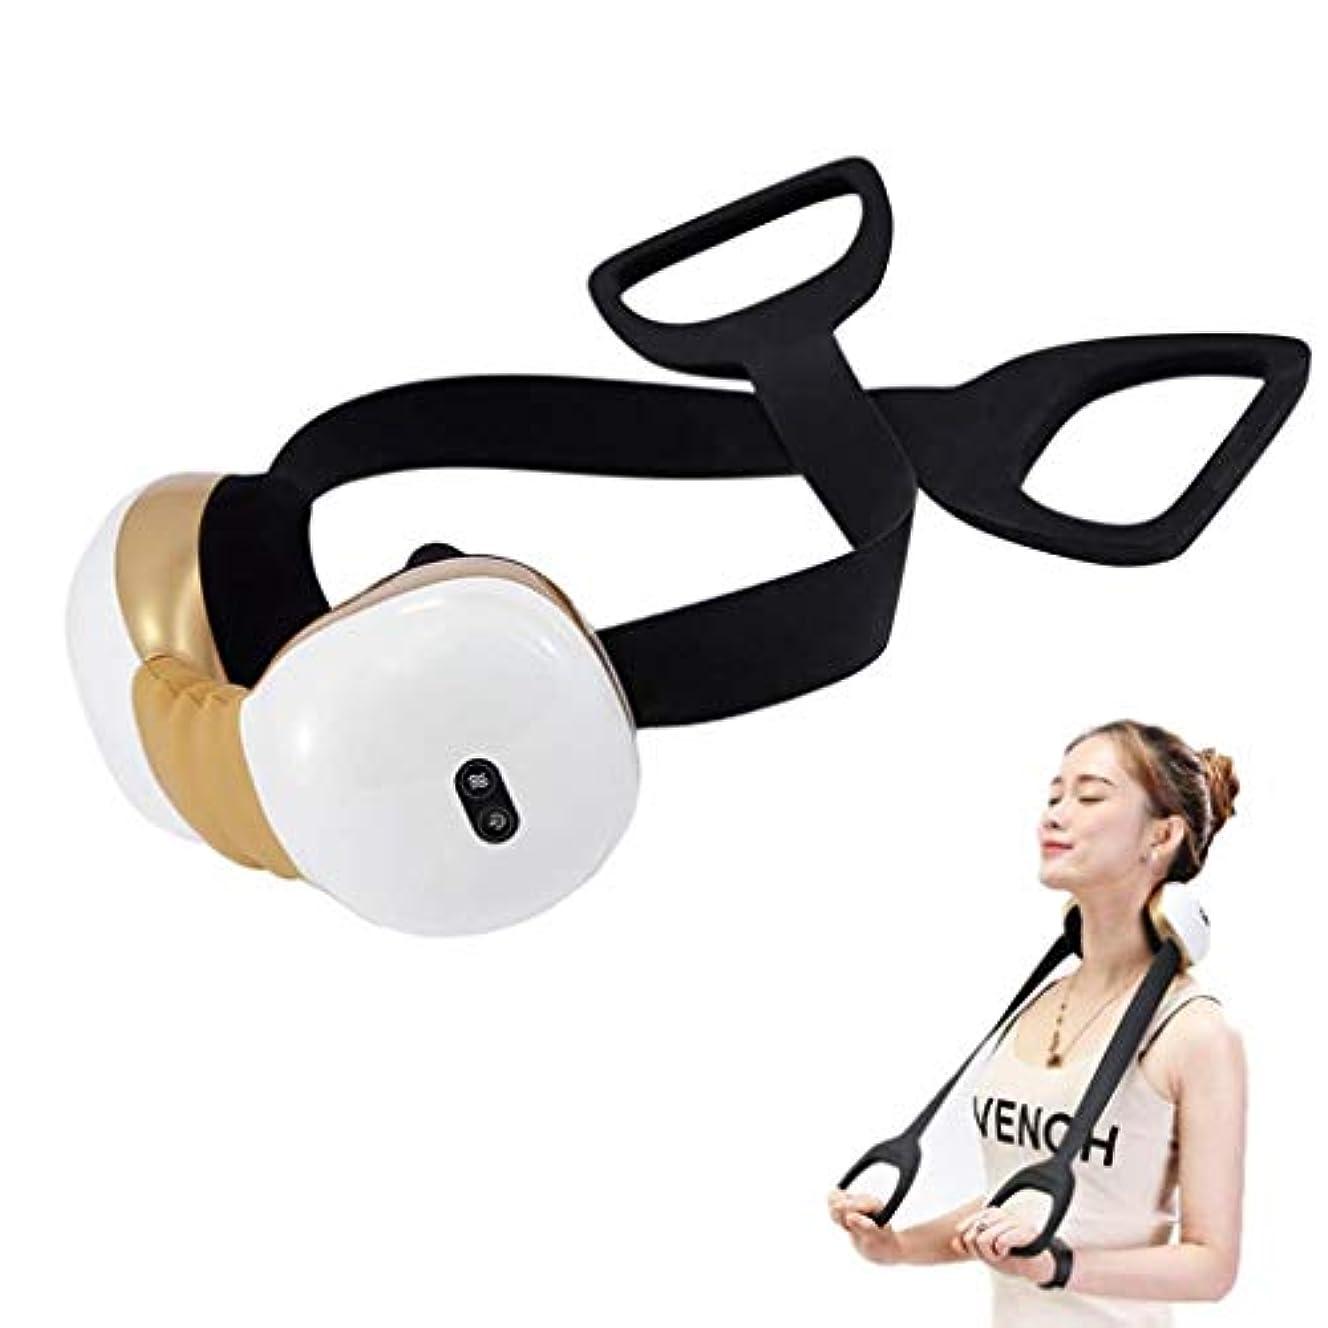 閉じ込める協同肥満電動ネックマッサージャー、子宮頸部マッサージャー、加熱/調整可能/USB充電、20分間の自動開閉機能、筋肉のリラックス、痛みと疲労の緩和